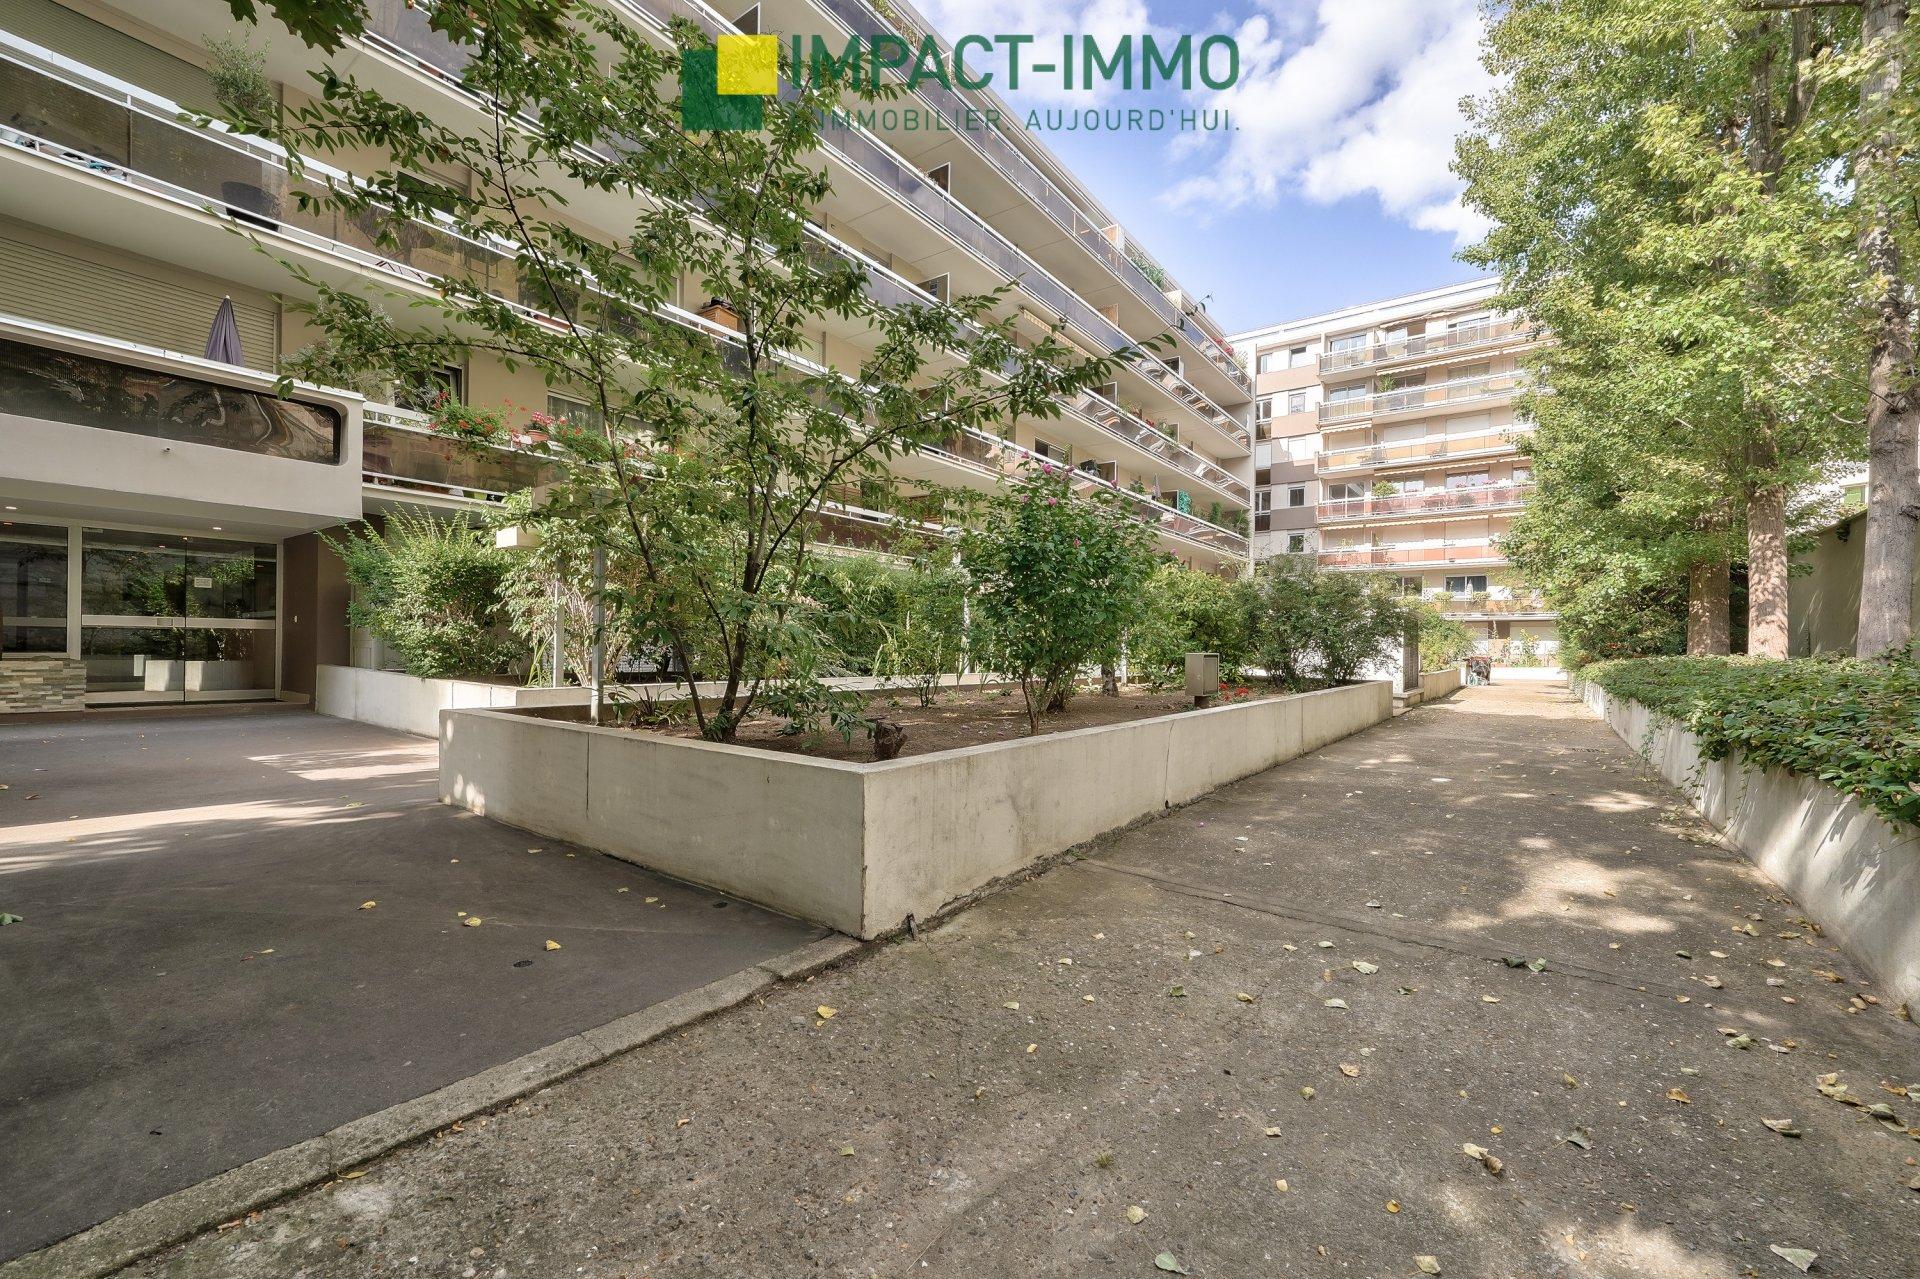 PROCHE PARIS - A VENDRE 3 PIECES AVEC DEUX BALCONS RESIDENCE DE STANDING